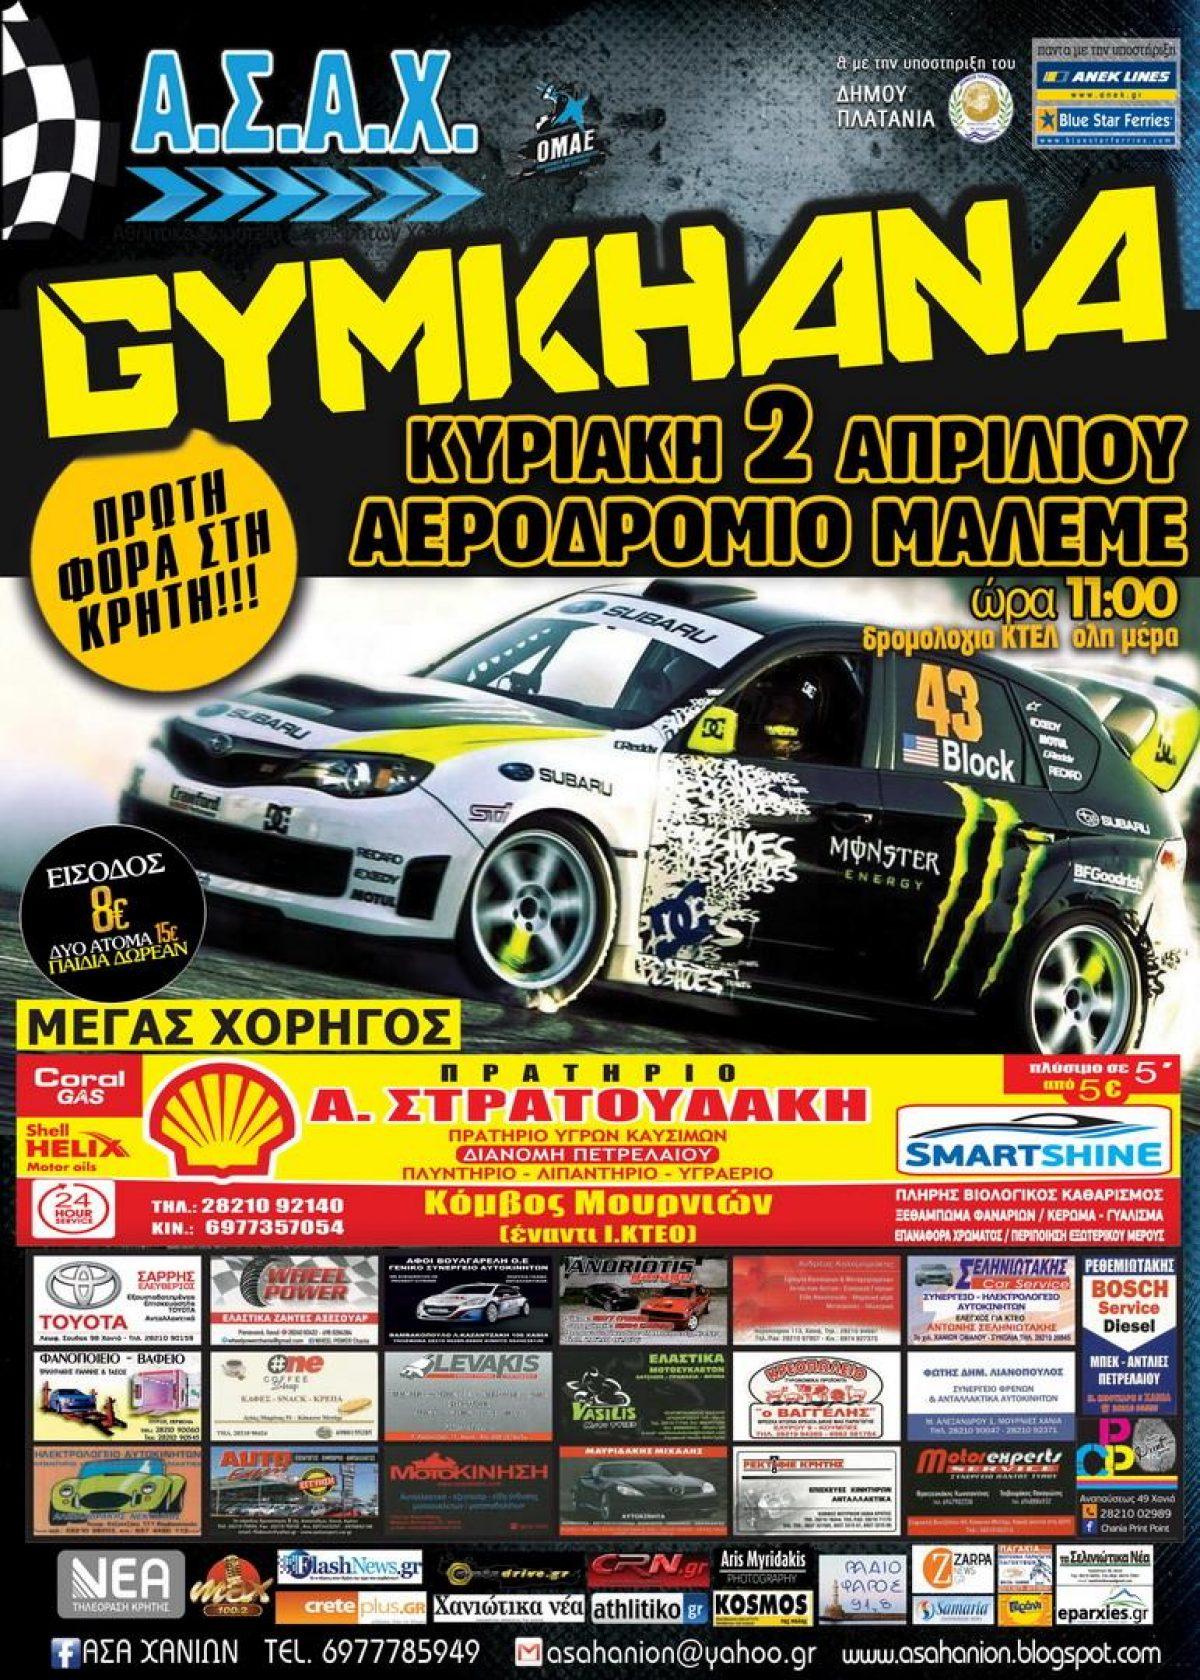 Η Κρήτη ετοιμάζεται να φιλοξενήσει για πρώτη φορά αγώνα Gymkhana!